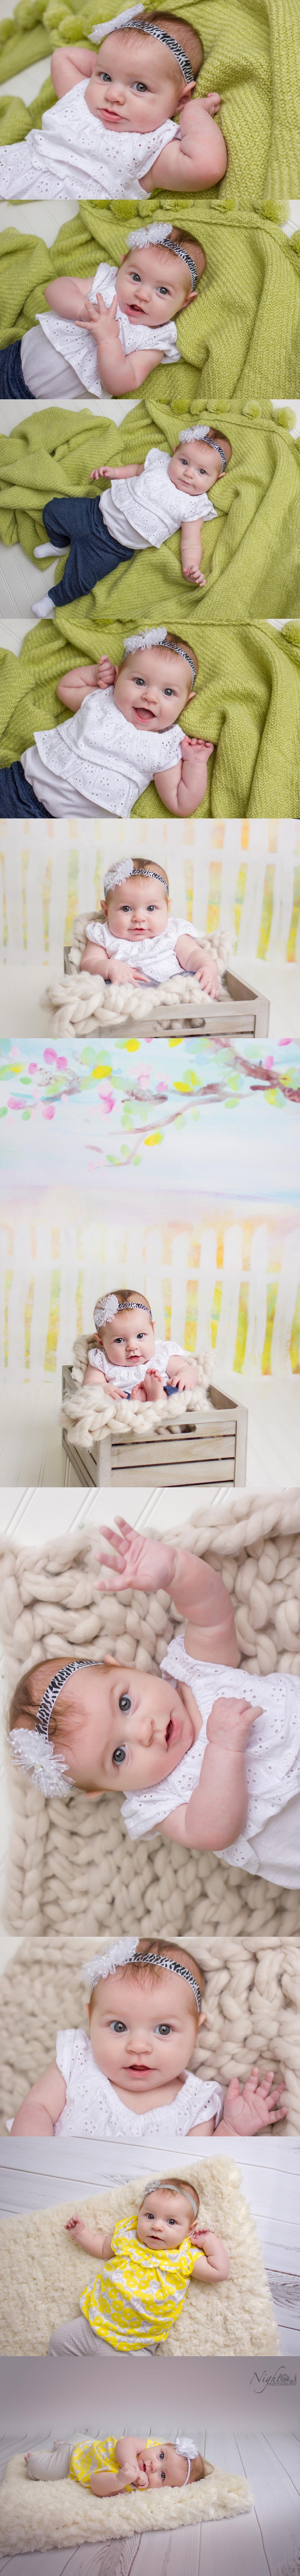 St. Joseph Michigan Newborn, Child and family Photographer_0405.jpg